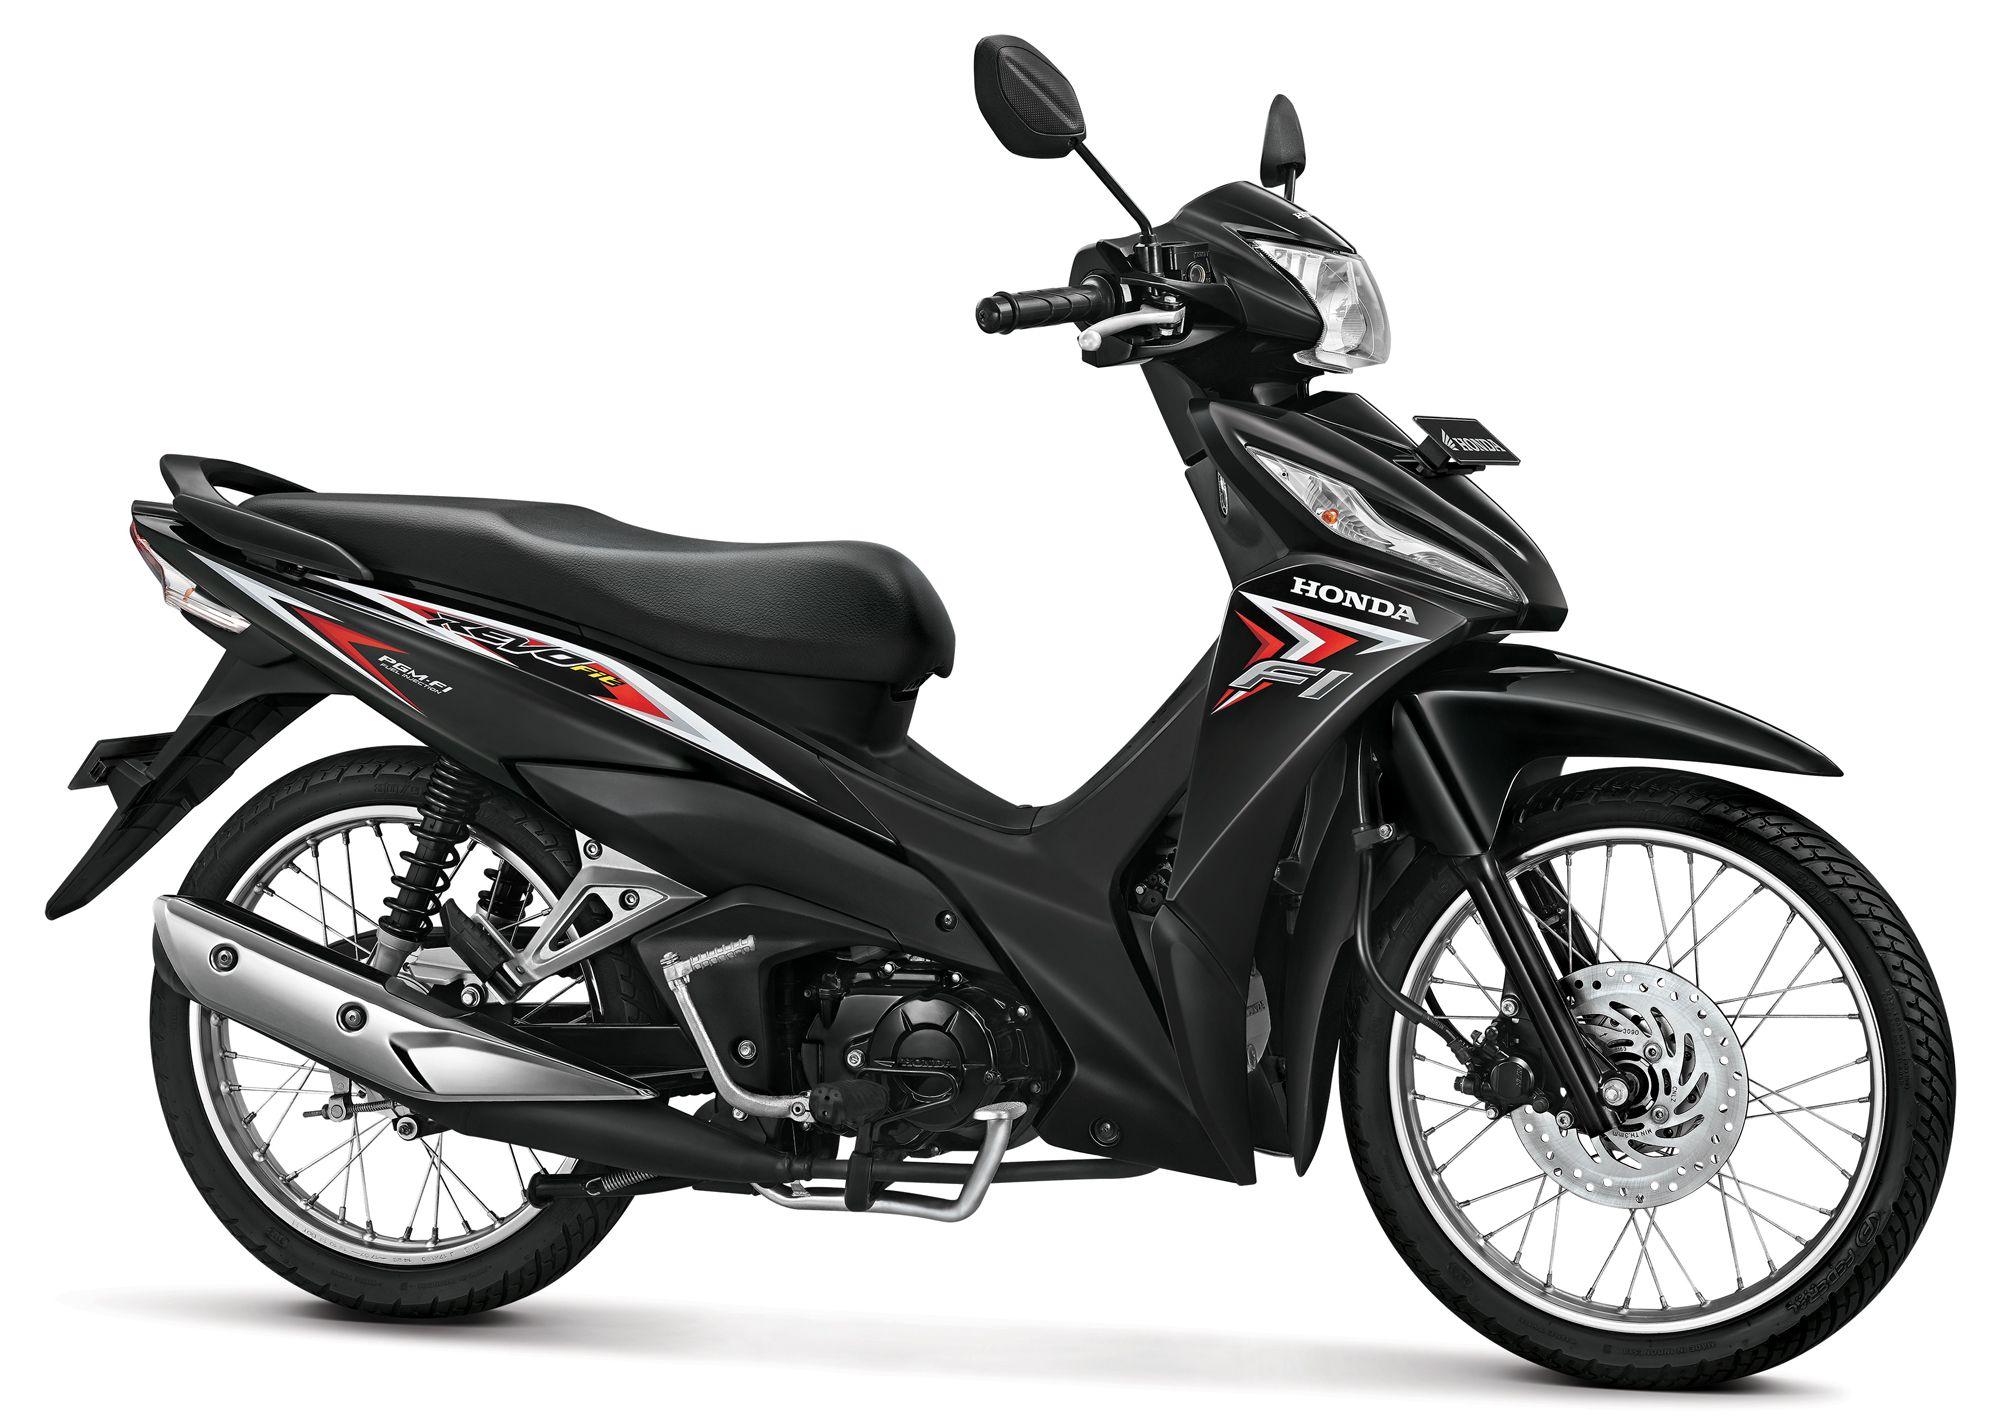 Honda Revo 110cc | Rental BD PS4 Motor HT - Sewa menyewa jadi lebih mudah di Spotsewa